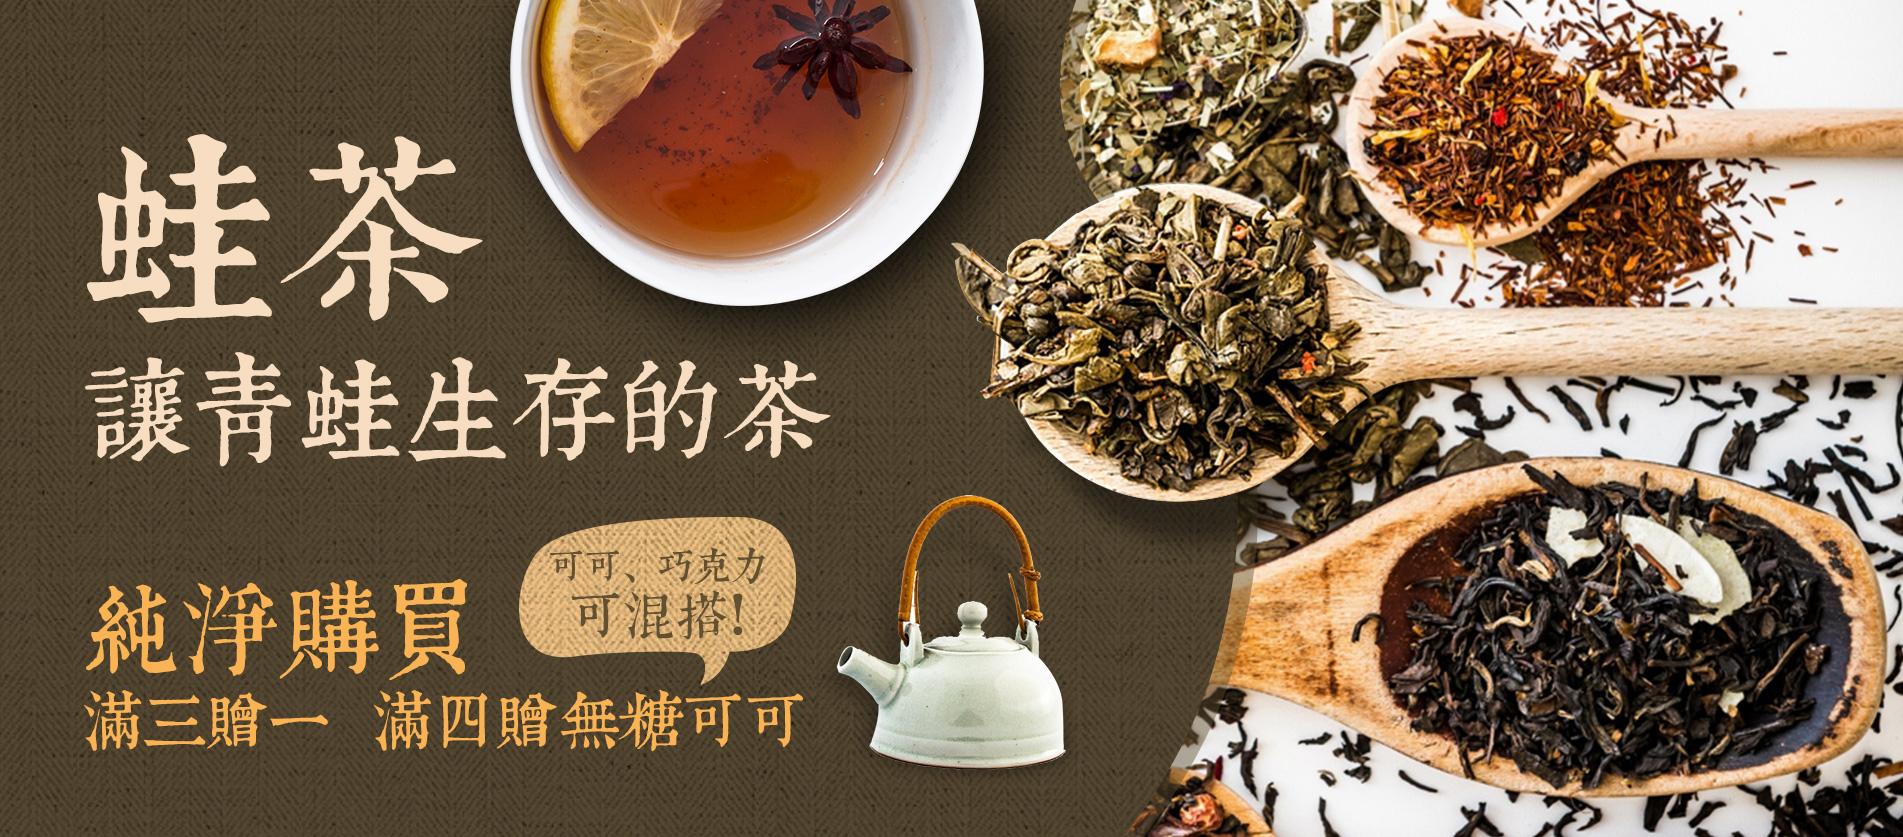 自然茶活動滿三贈一